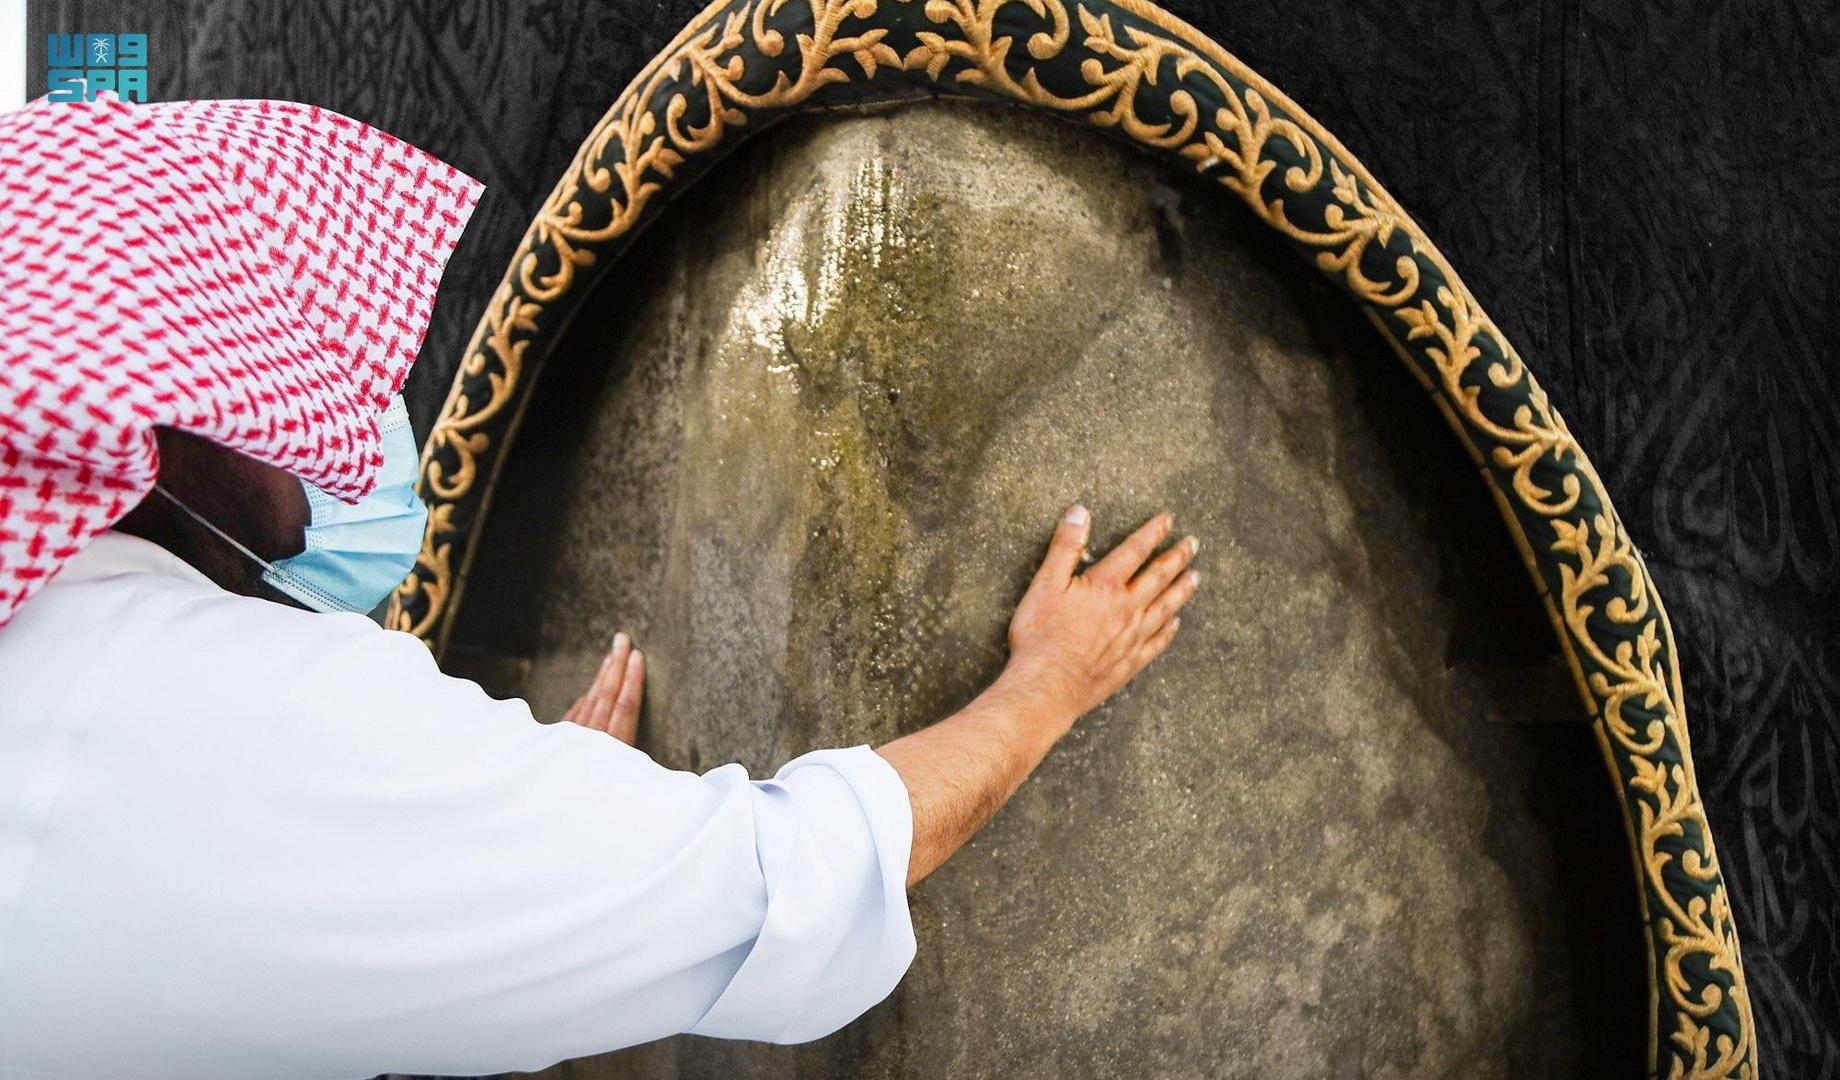 السعودية توثق الحجر الأسود بتقنية